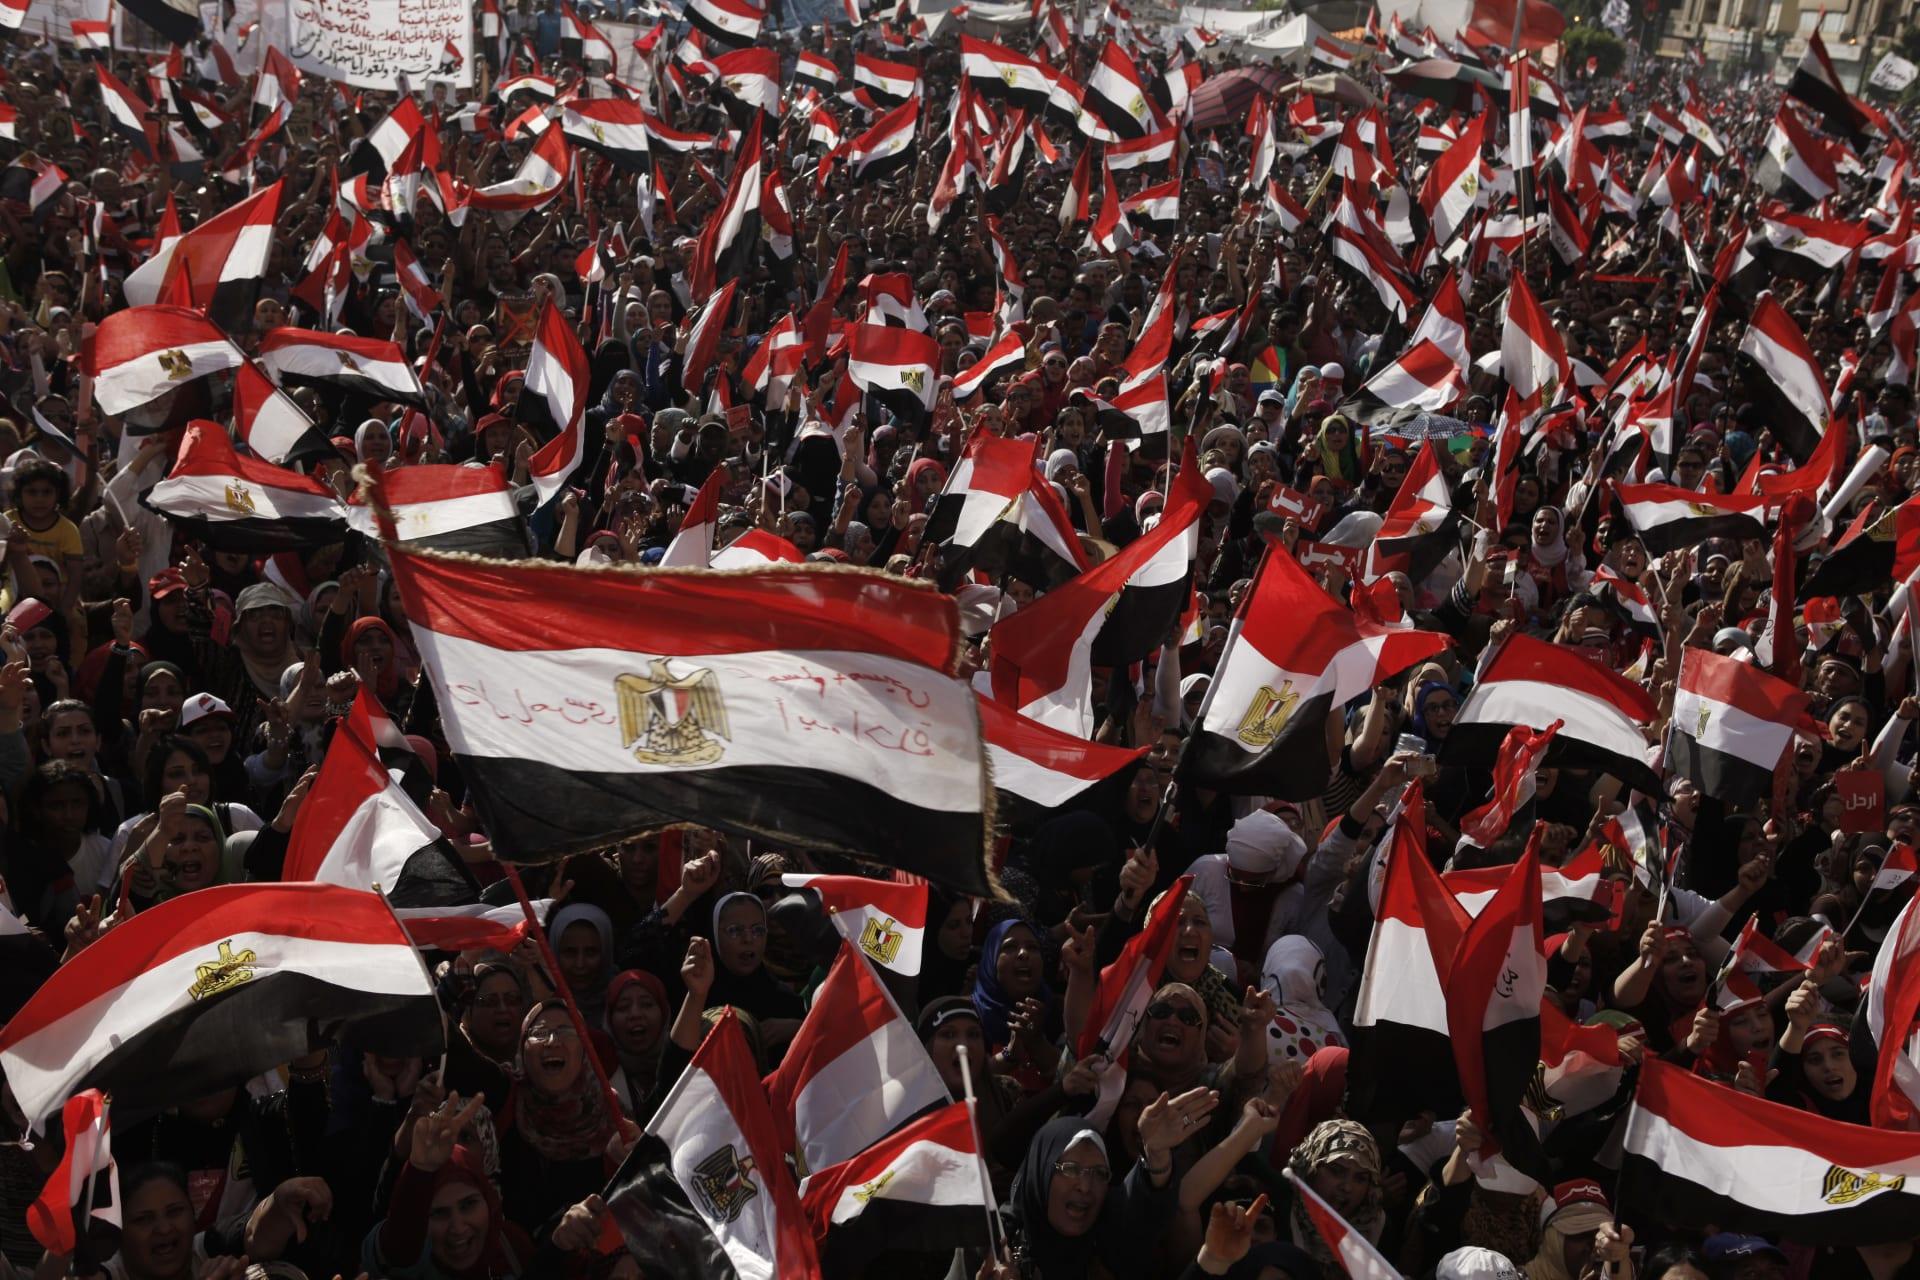 مصر.. المحكمة الدستورية العليا تقضي ببطلان مادة سلطة وزير الداخلية بقانون التظاهر